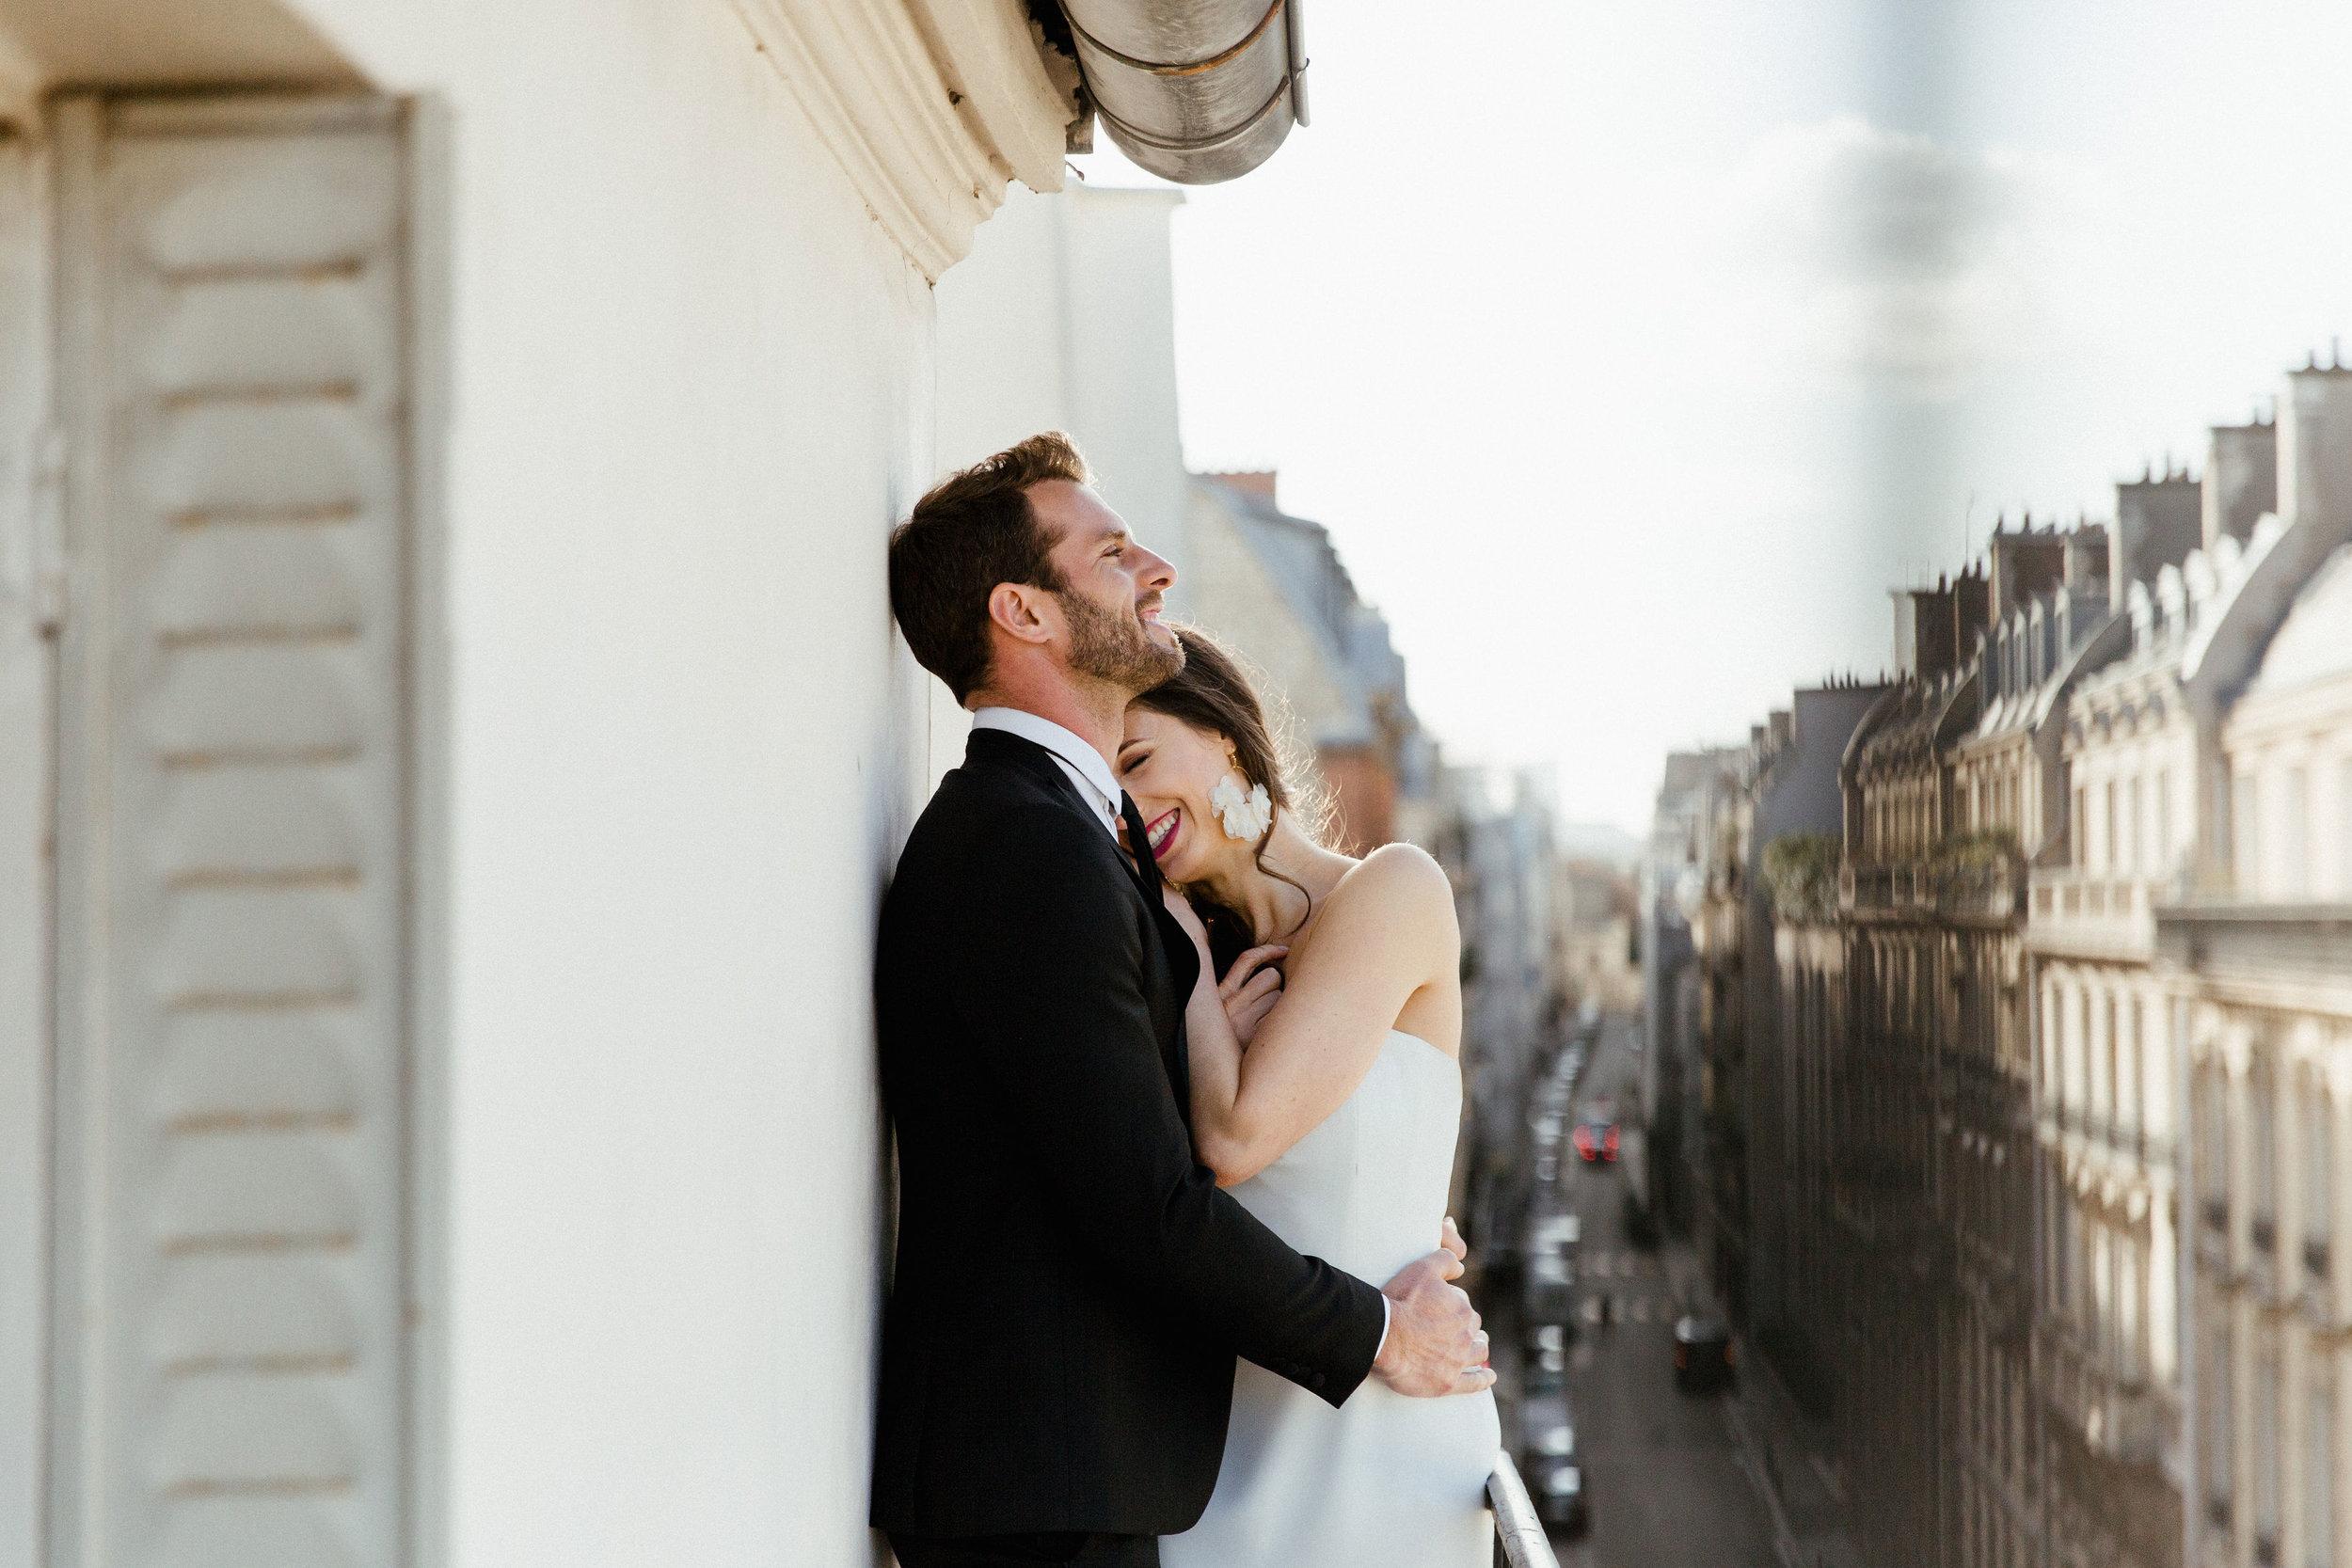 ElodieWinter_Brindle&Oak_Paris_StyledShoot-16.jpg